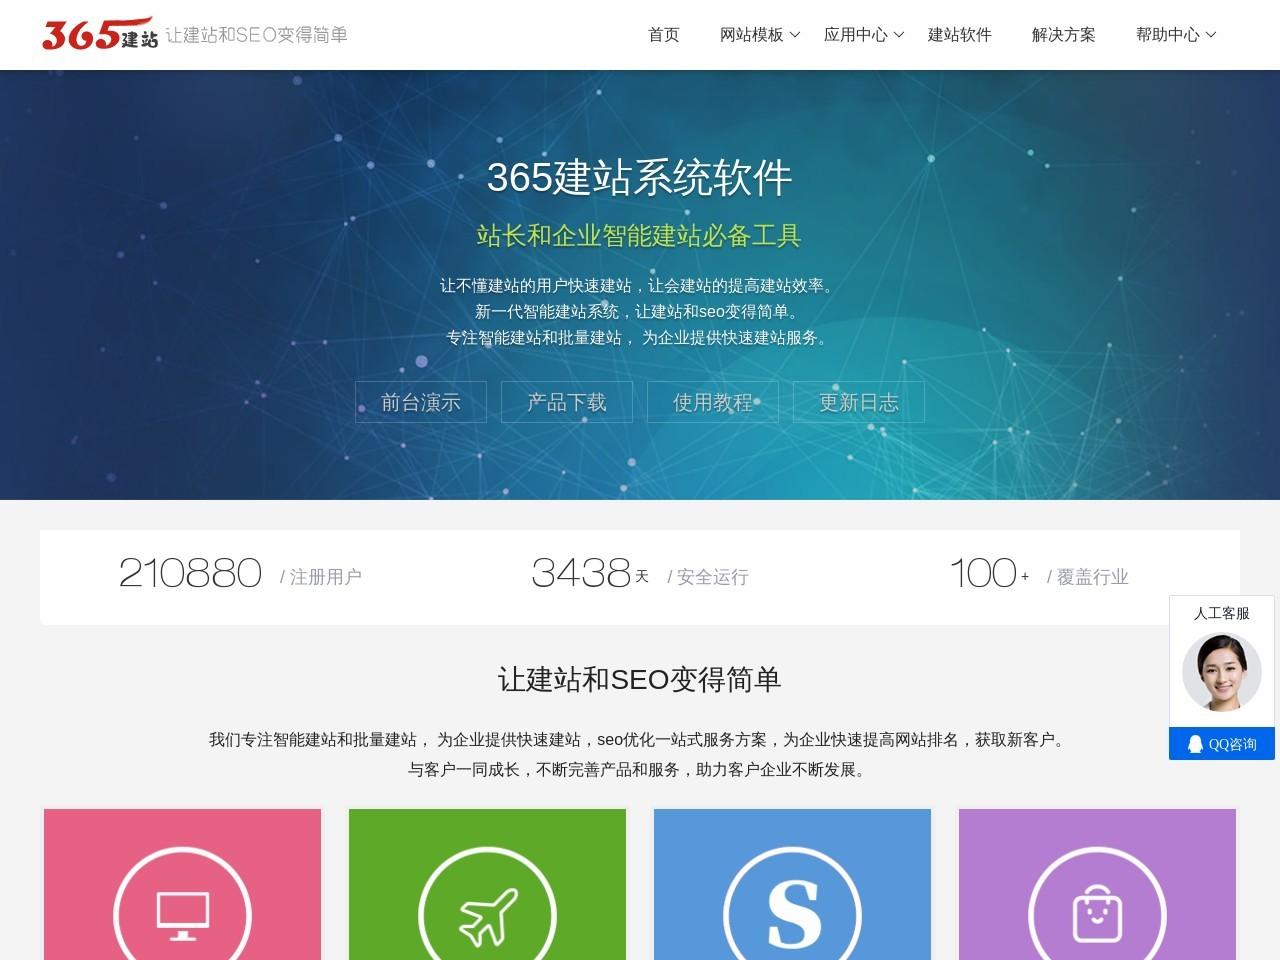 365建站网-快速批量建站_企业免费建站_智能建站软件系统_在线建站和seo工具